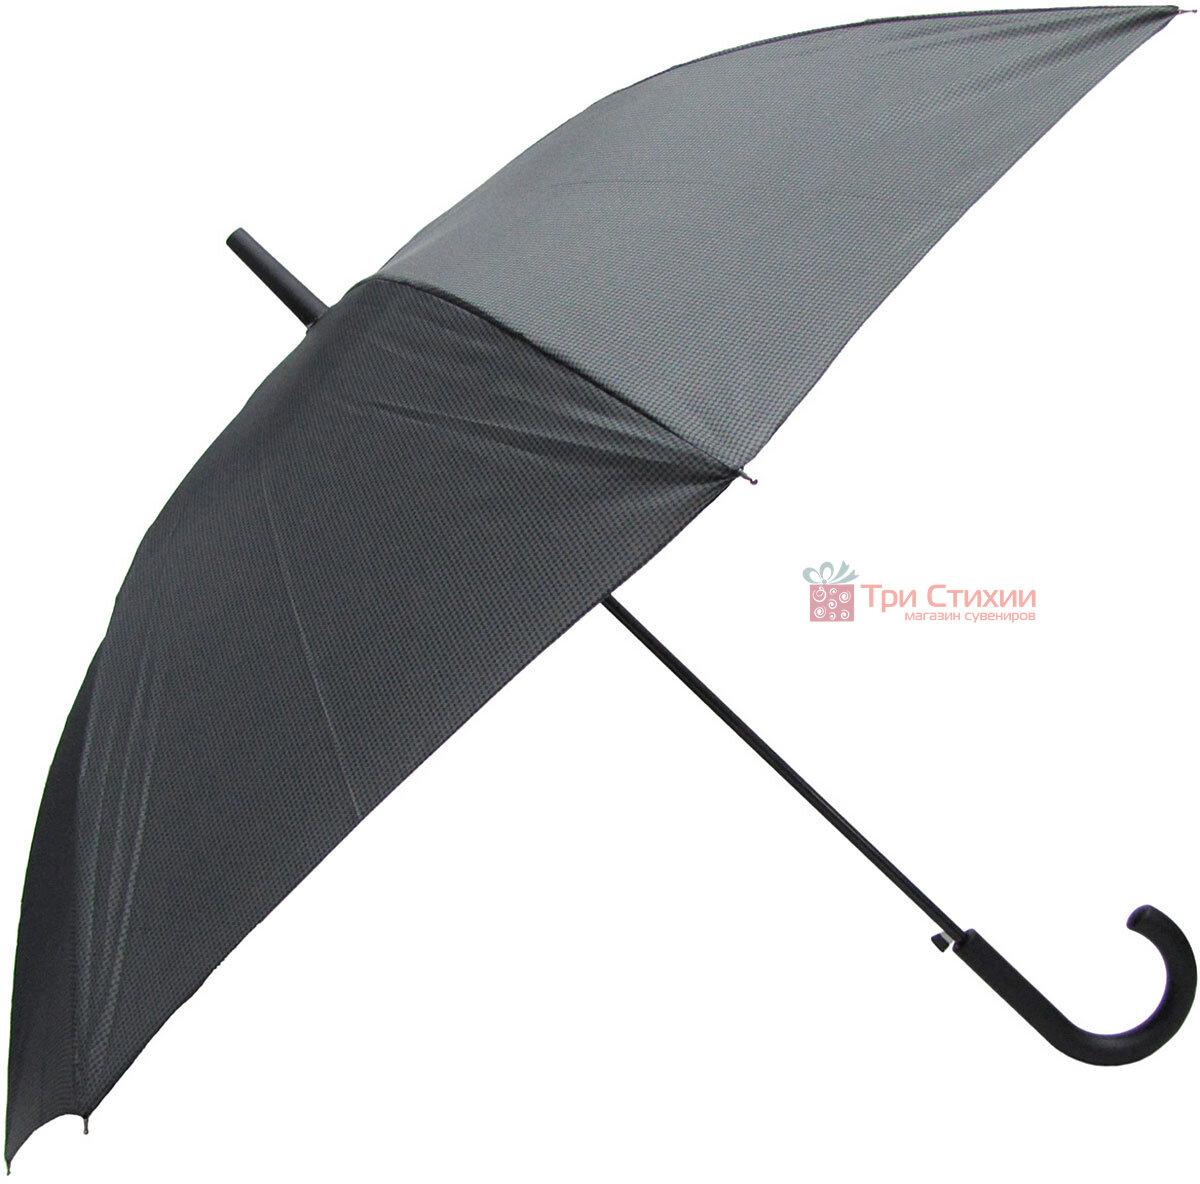 Зонт-трость Derby 77167P-3 полуавтомат Мелкая клетка, фото 2